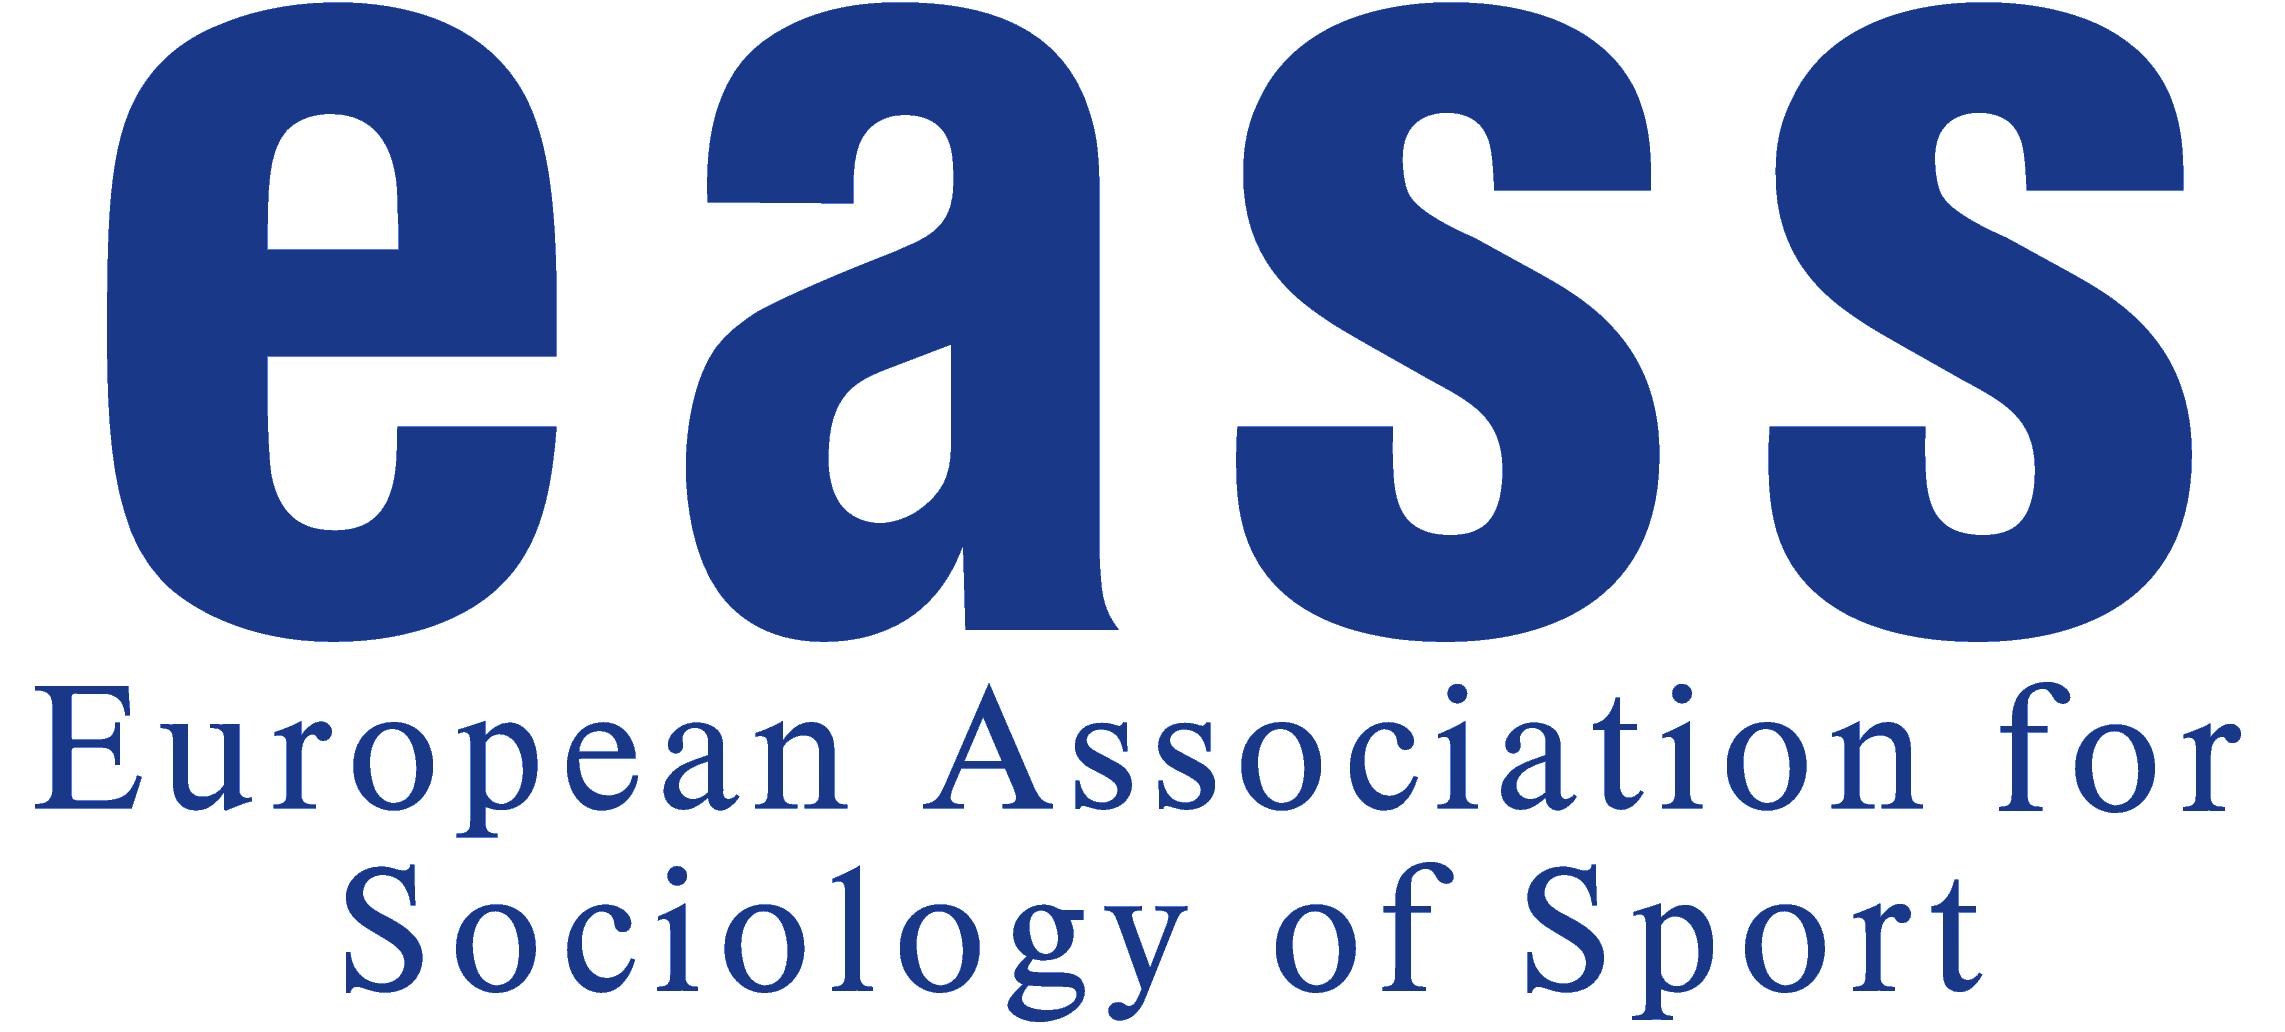 logo for European Association for Sociology of Sport